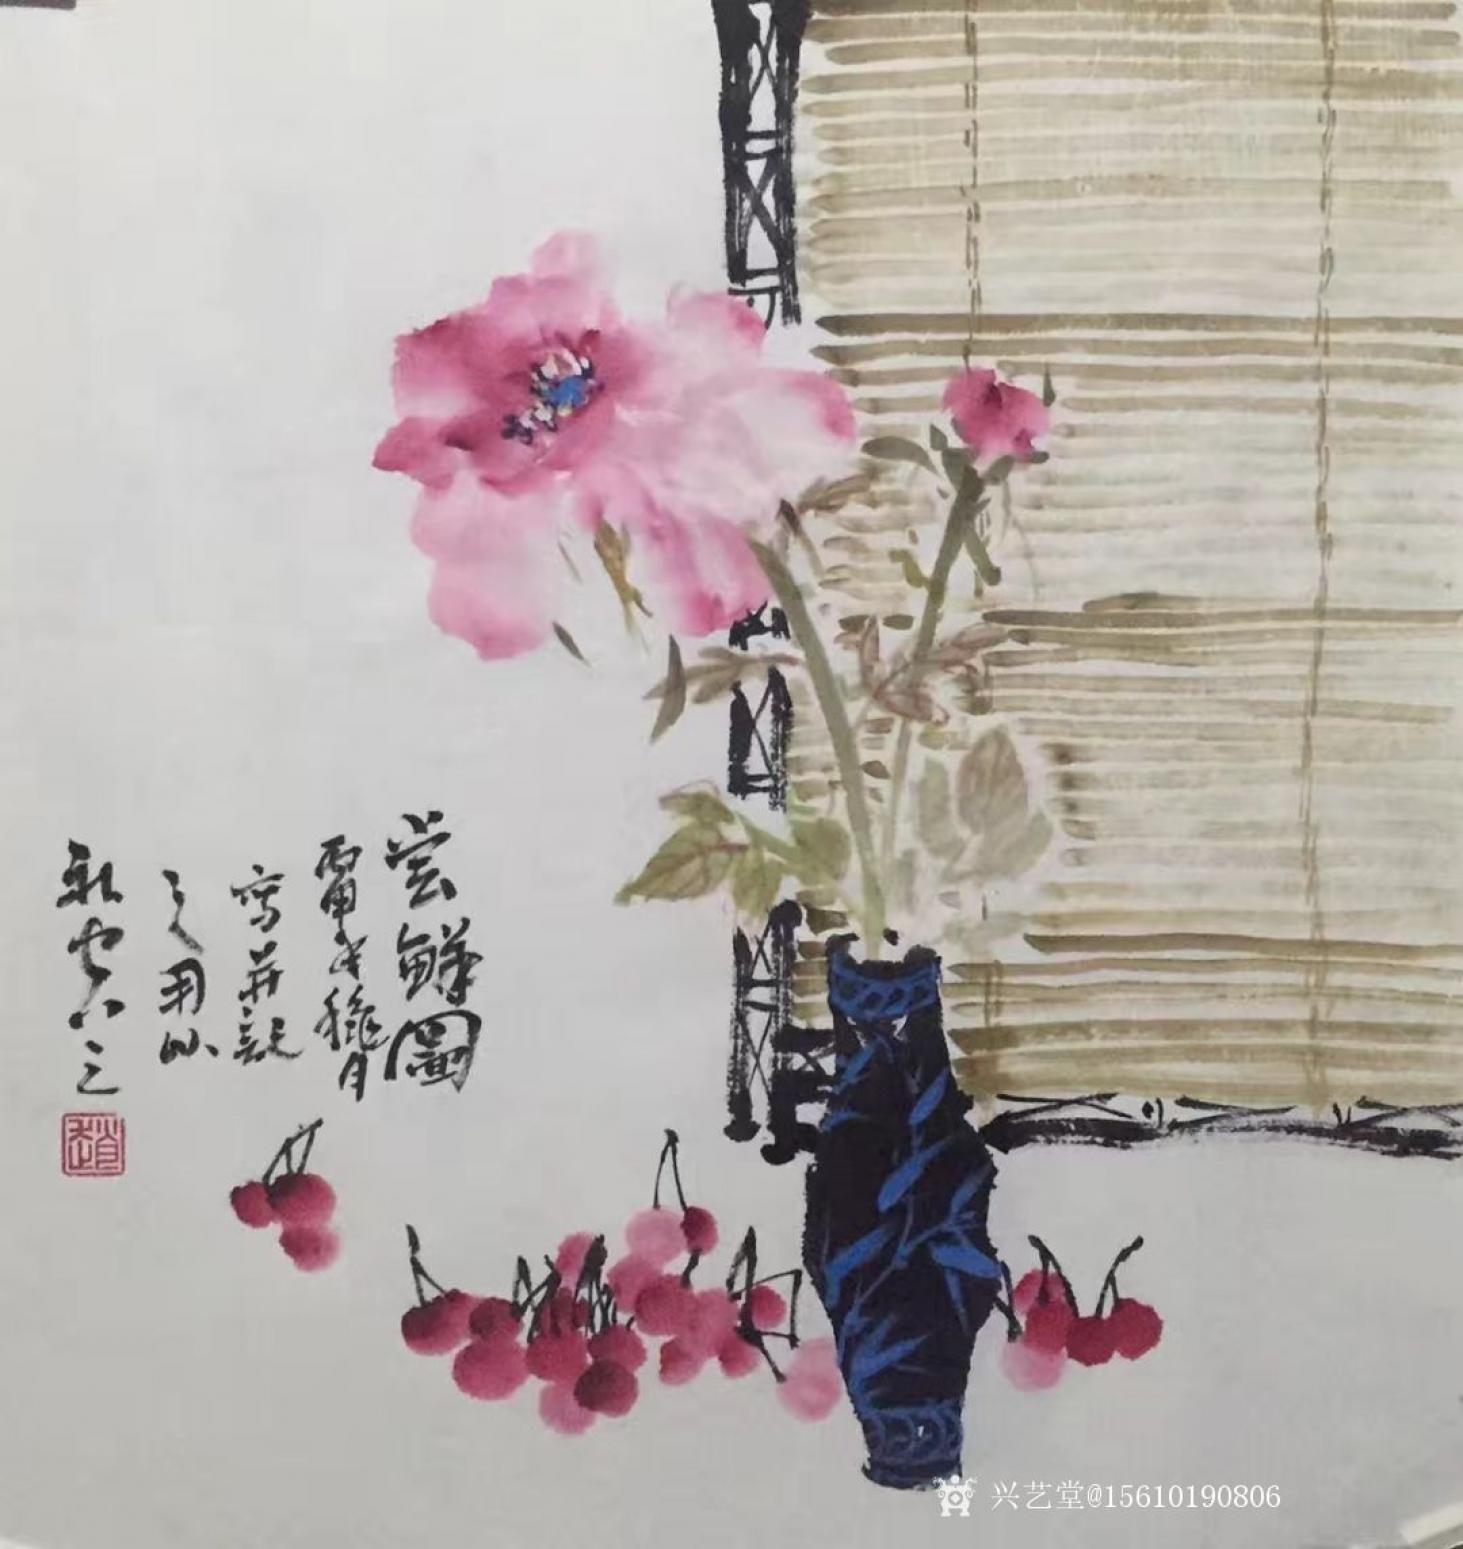 赵永刚国画作品《尝鲜图》